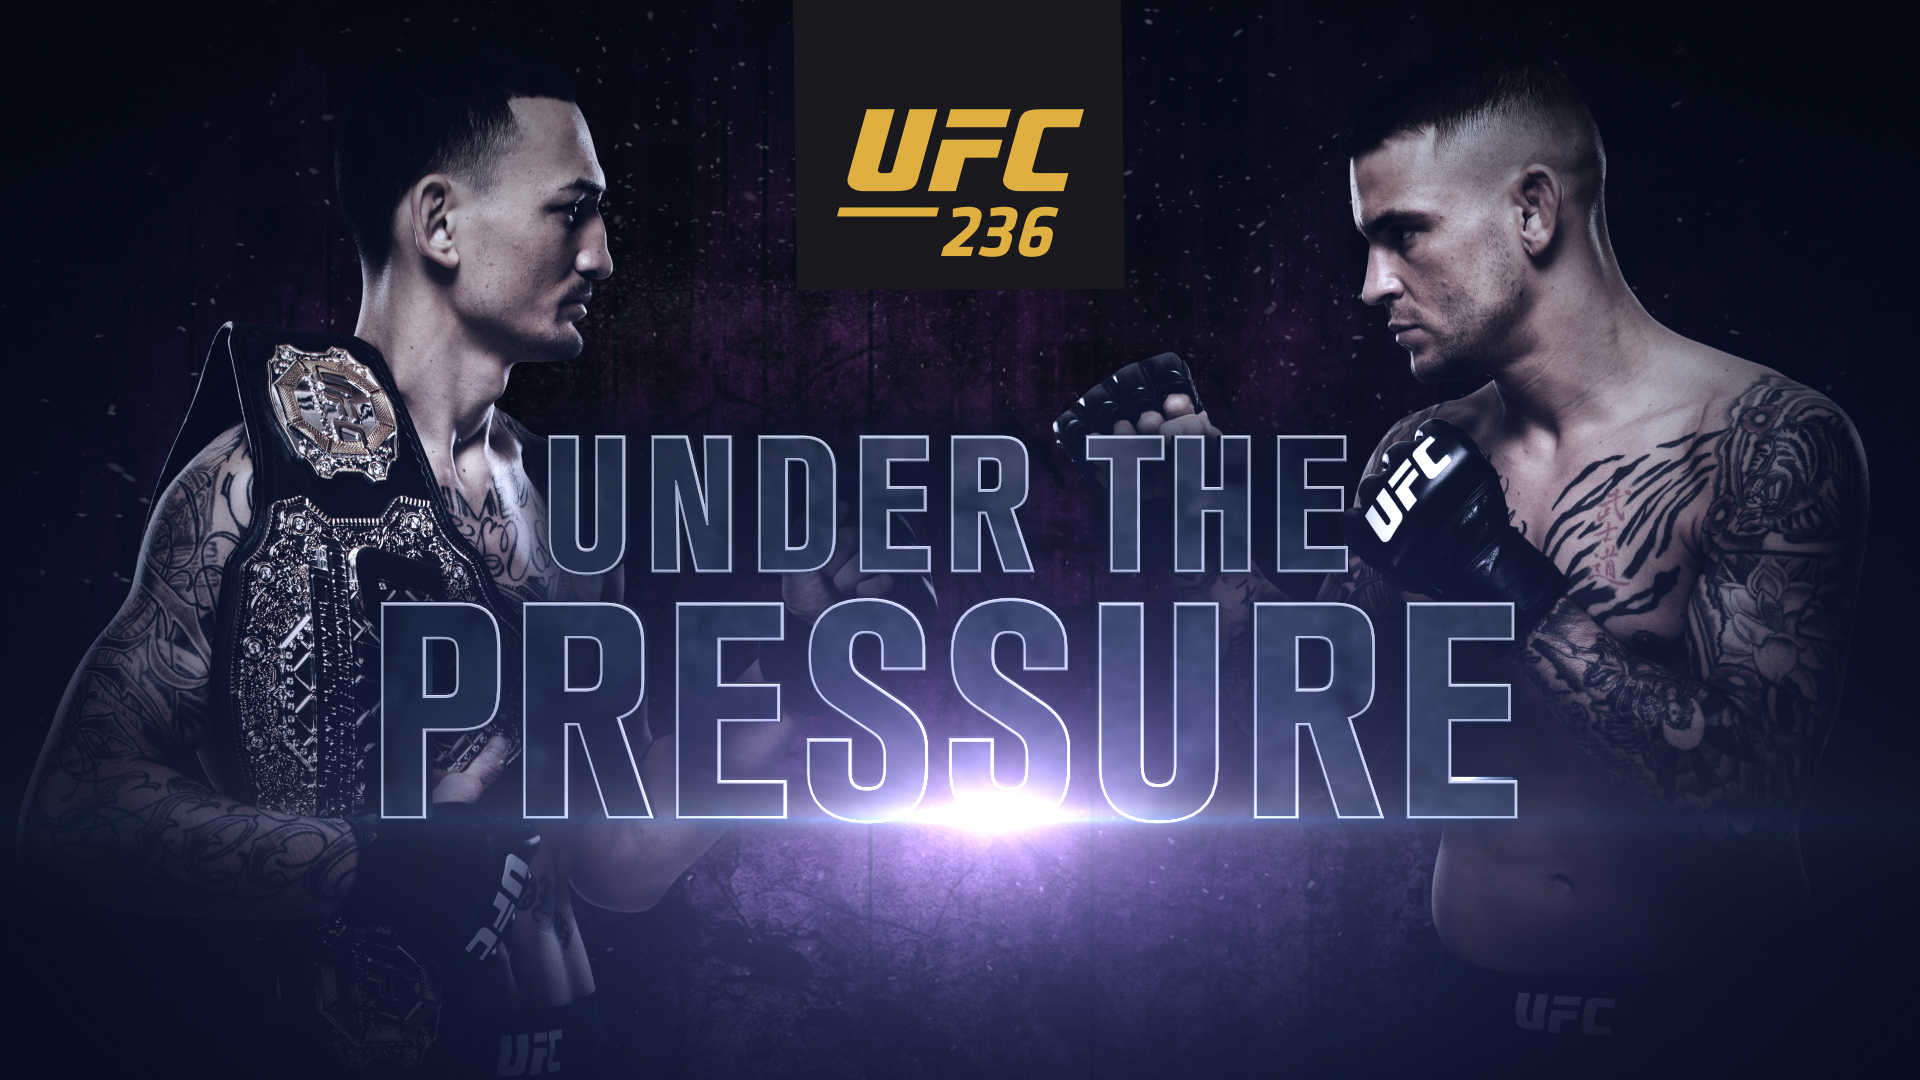 UFC 236 Under the Pressure UFC 1920x1080